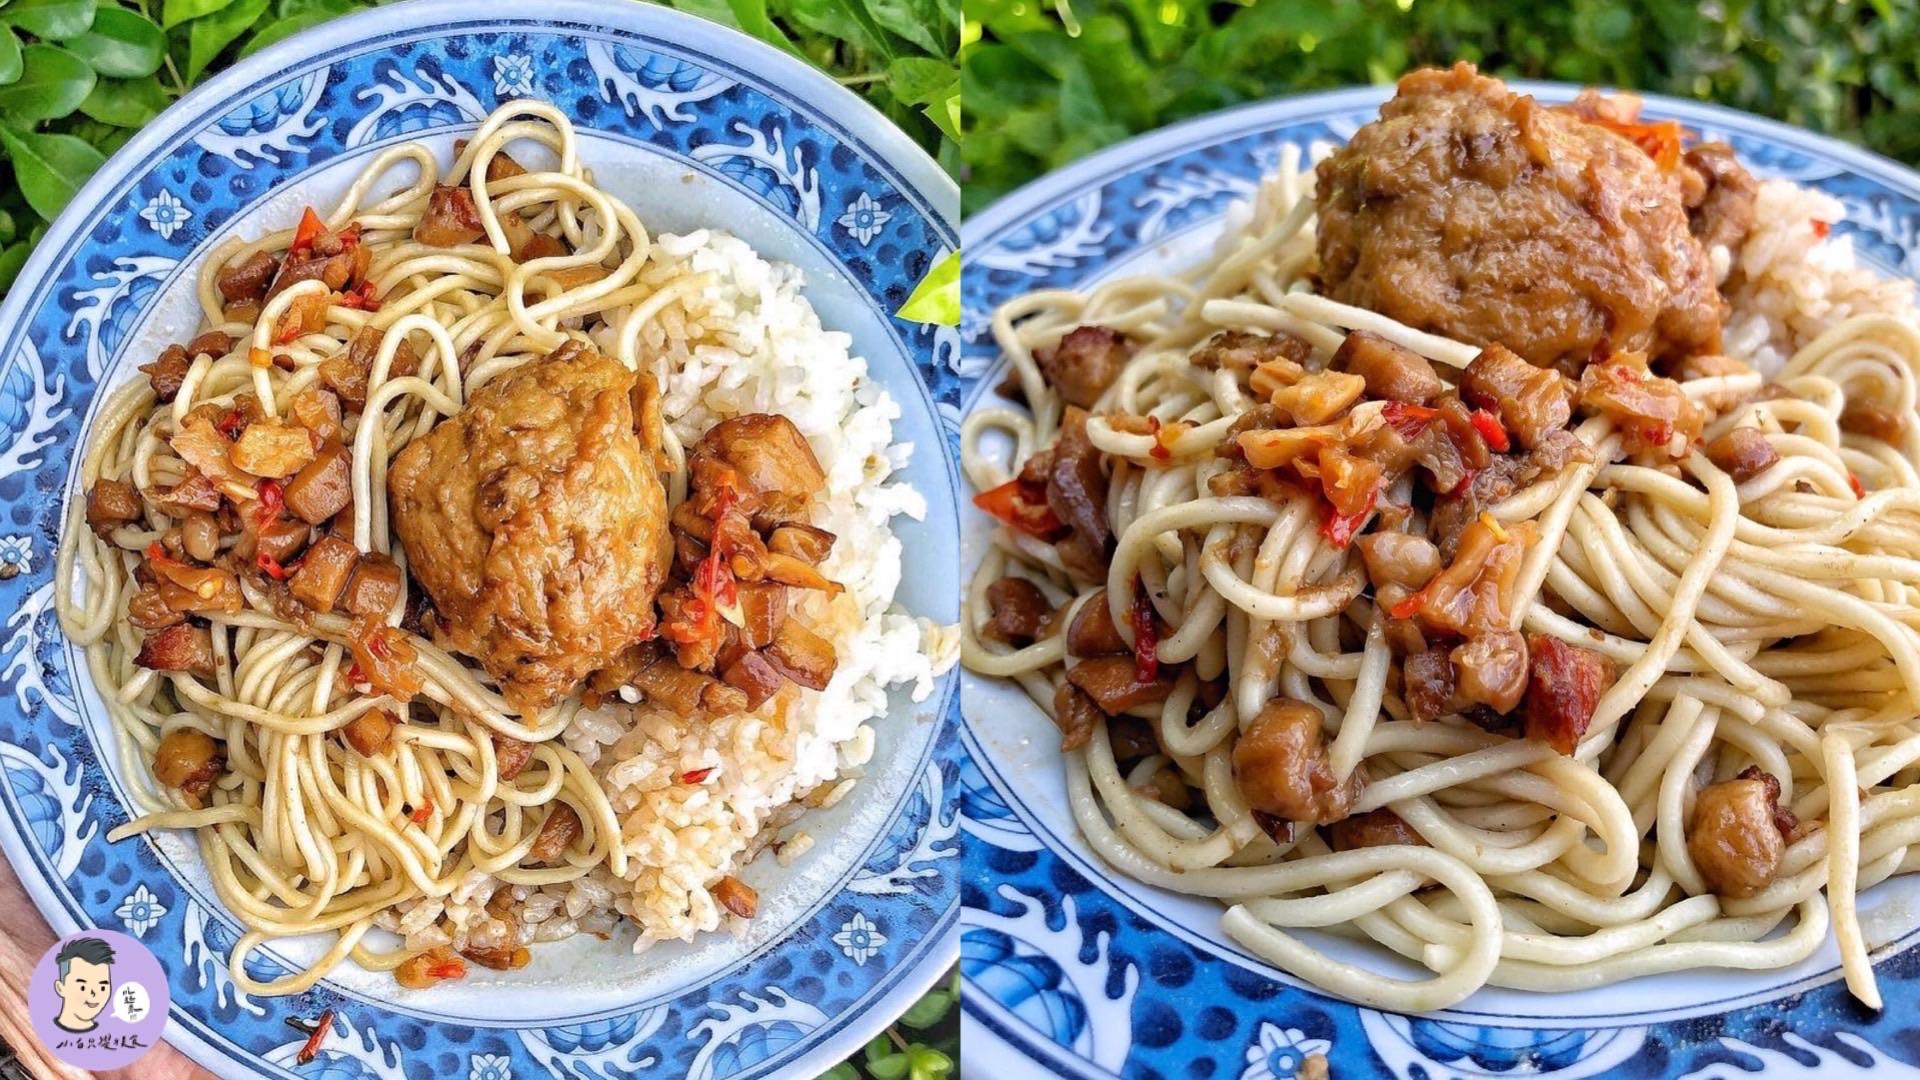 【台南美食】崑山科大學生最愛的銅板美食 一天只開五小時!必點肉燥飯+炒麵組合 只要35元 -阿明食堂|永康區美食